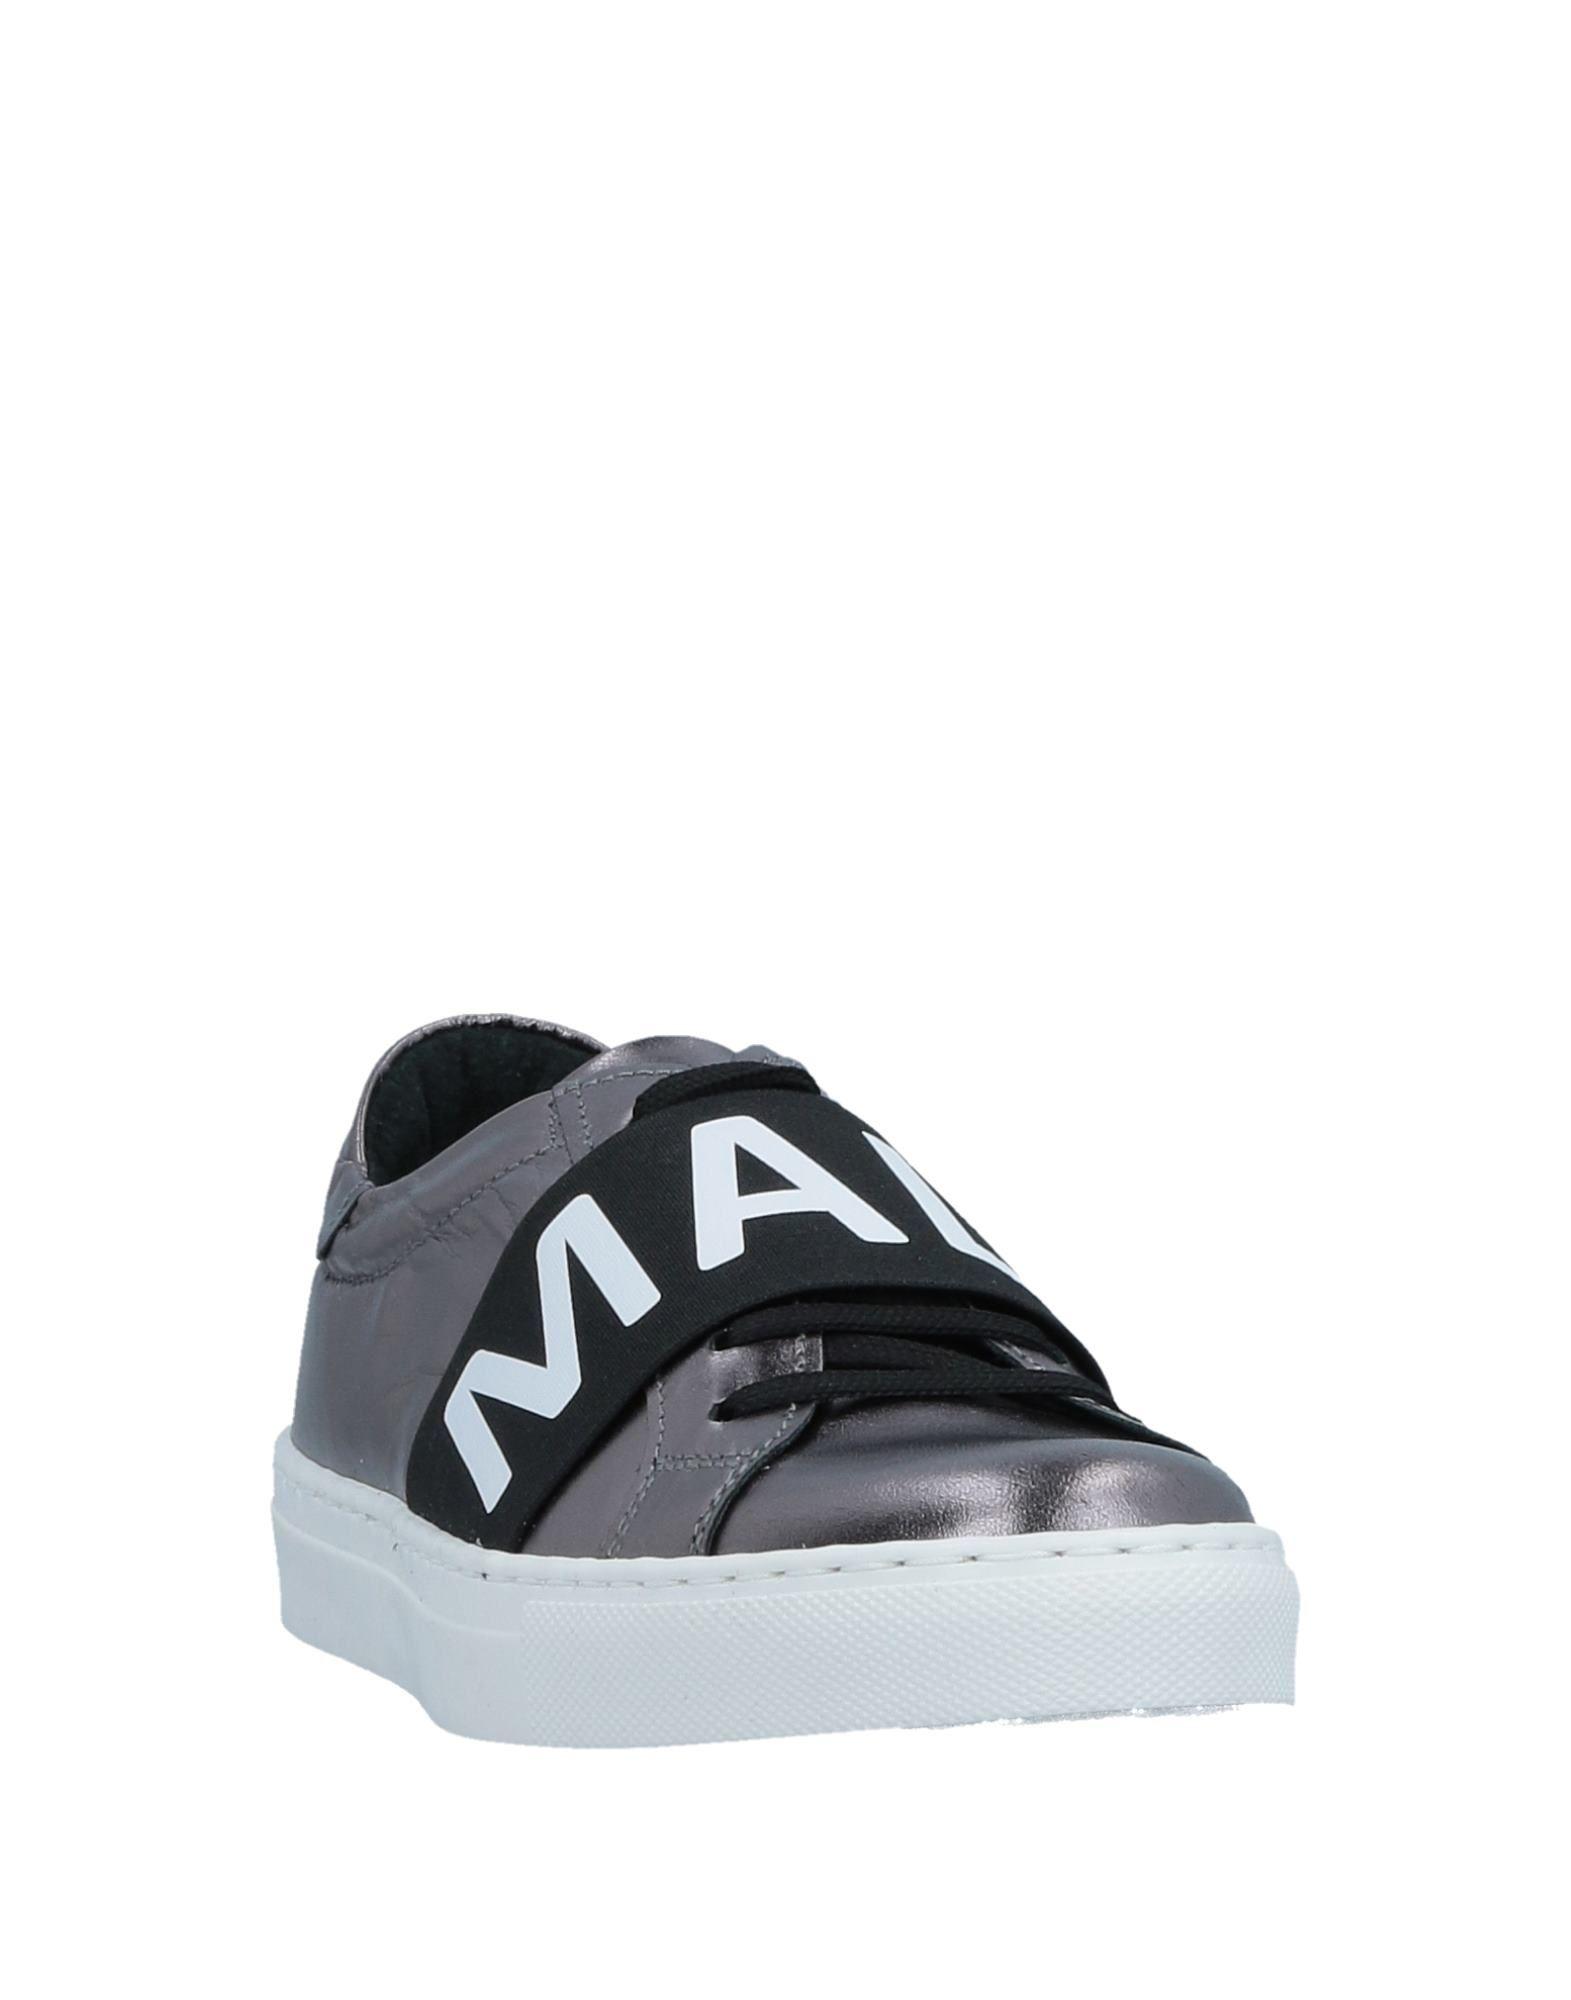 Madwys Qualität Turnschuhes Damen 11523380KO Gute Qualität Madwys beliebte Schuhe 865f91